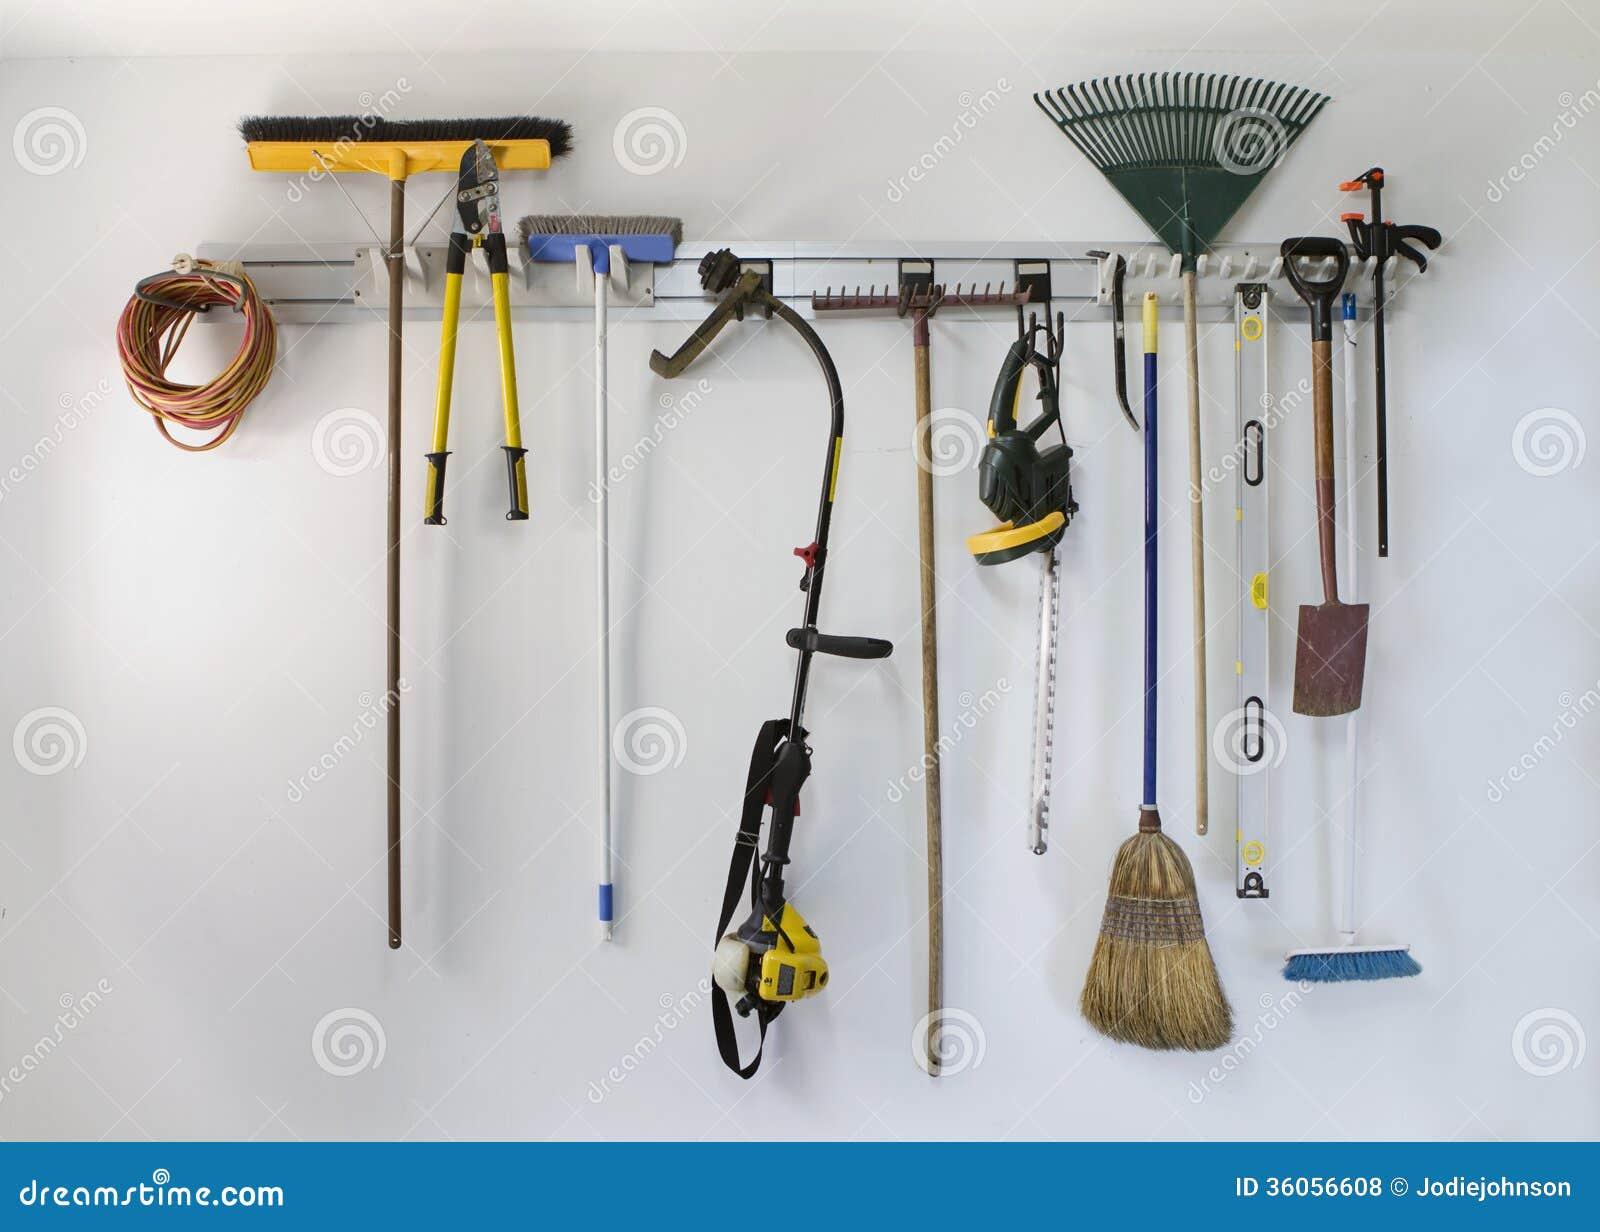 Neat Garage Tool Hanging Storage Royalty Free Stock Photos ...